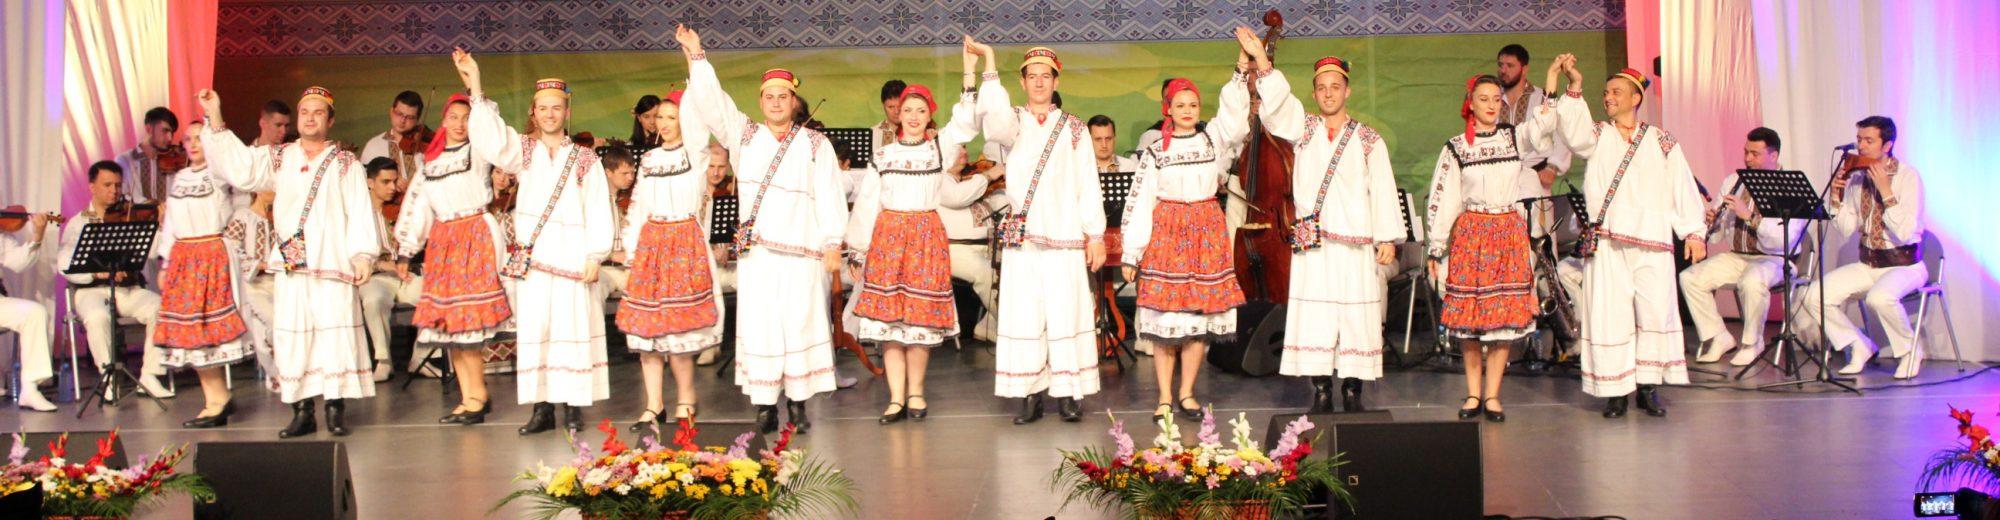 Centrul Judeţean pentru Conservarea şi Promovarea Culturii Tradiţionale Giurgiu